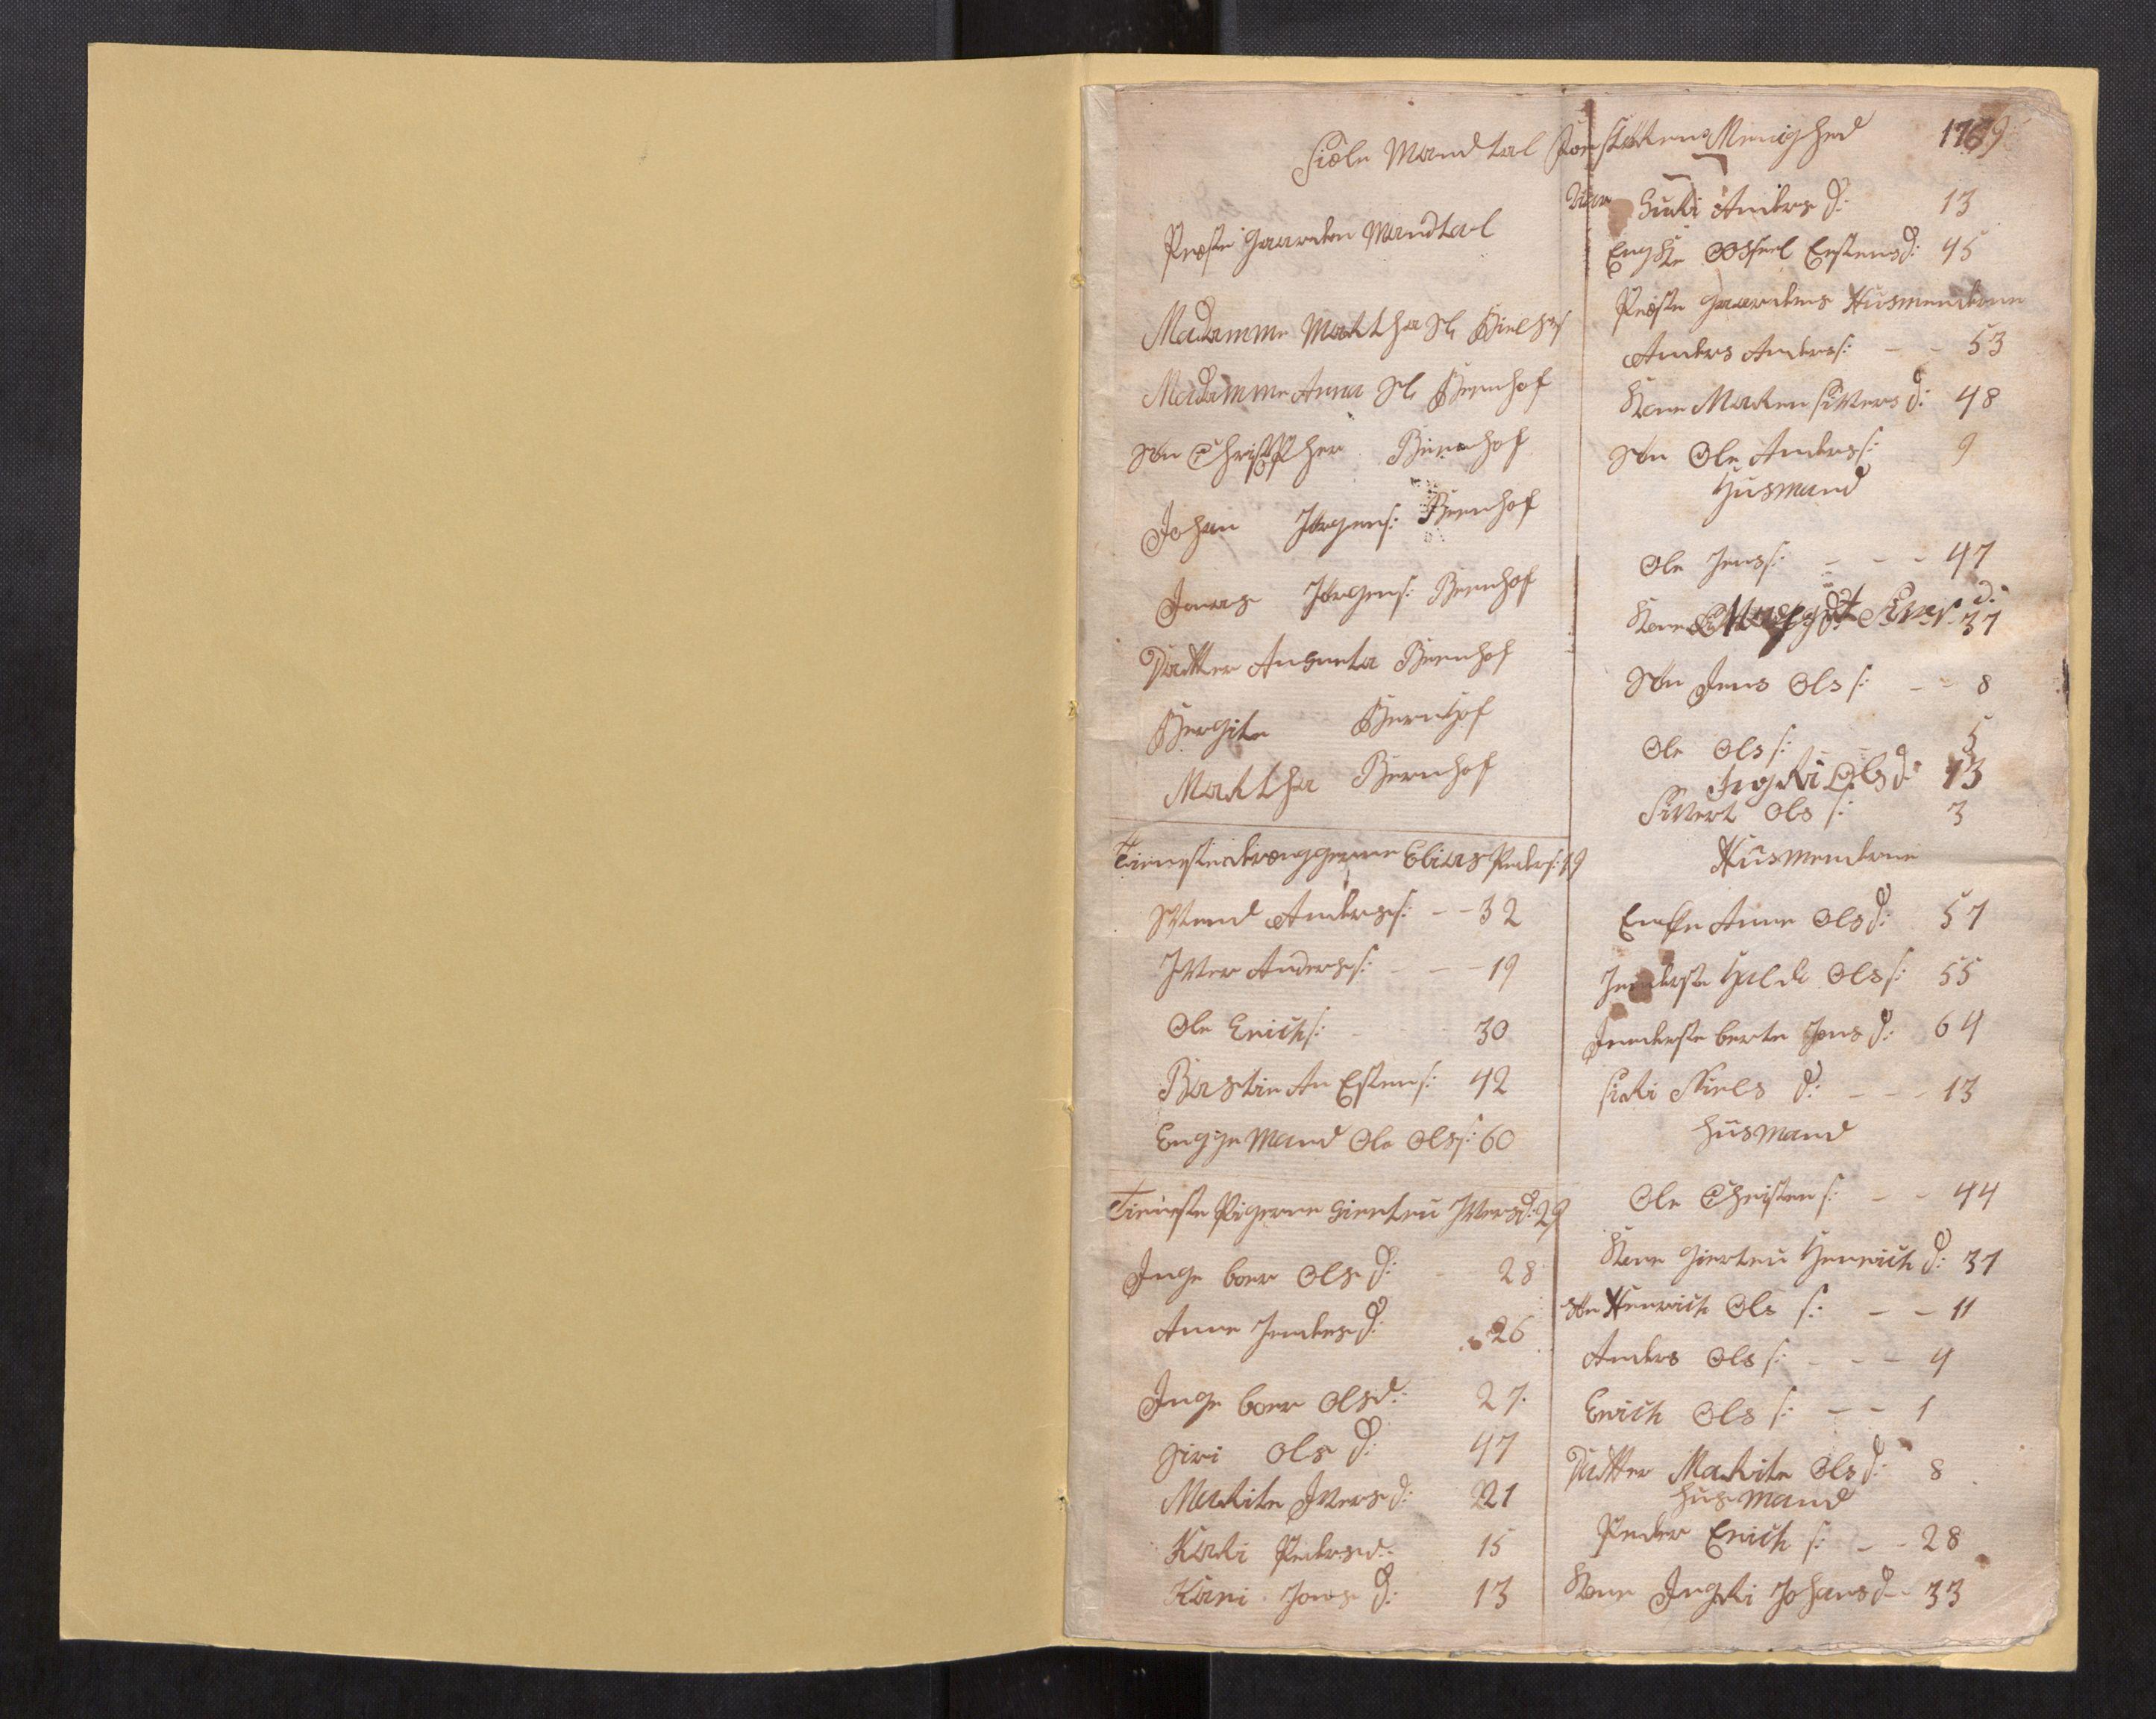 SAT, Støren sokneprestkontor, Øvrighetsfunksjoner, Folketellinger, nr. 1.1: Folketelling 1769, 1769, s. 1